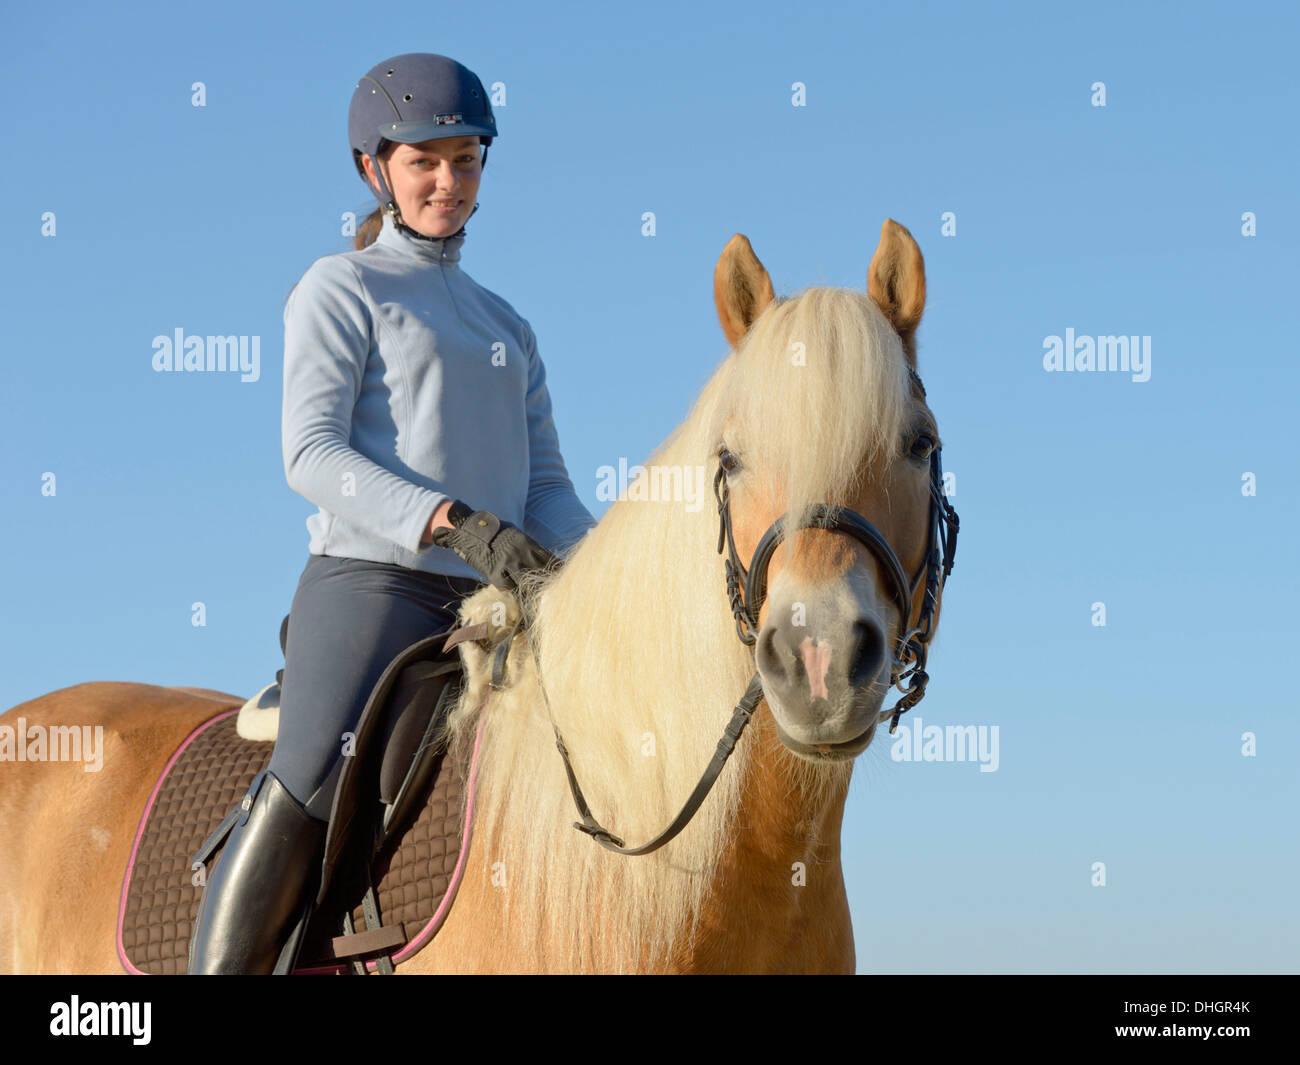 Joven Jinete en la parte de atrás de su caballo Haflinger Imagen De Stock